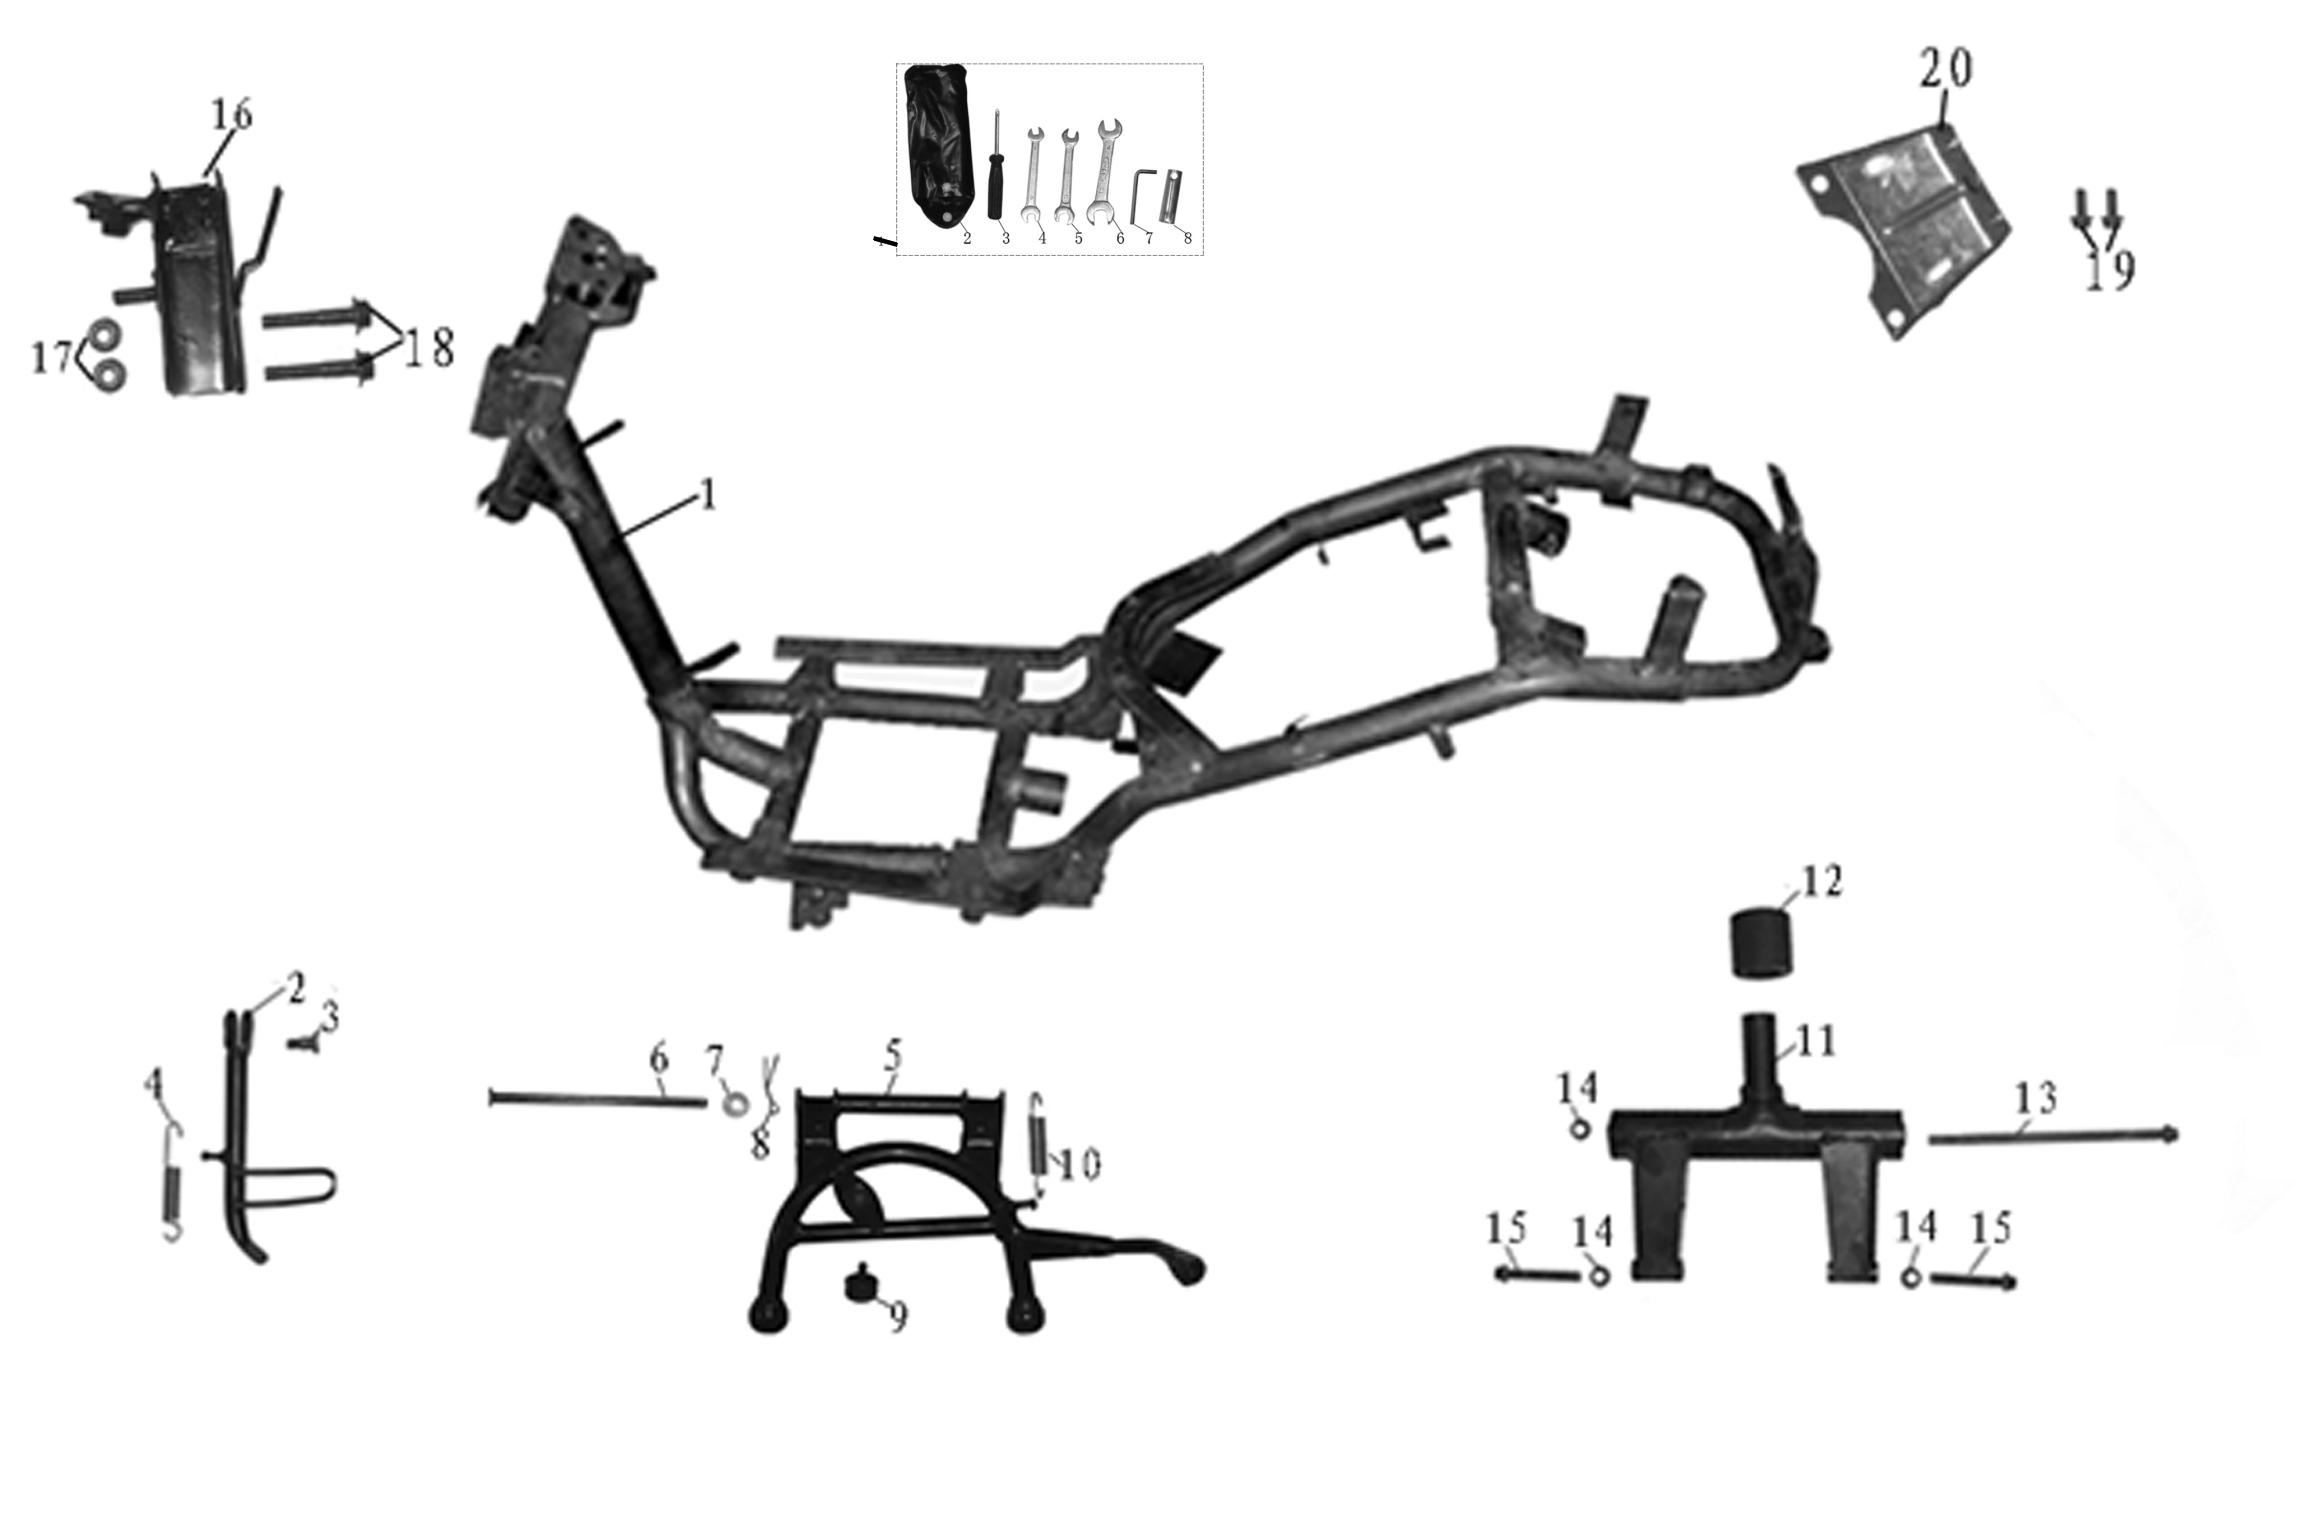 Baugruppen Aufbau/Fahrgestell | Toscana 50 | RIVERO | Roller ...